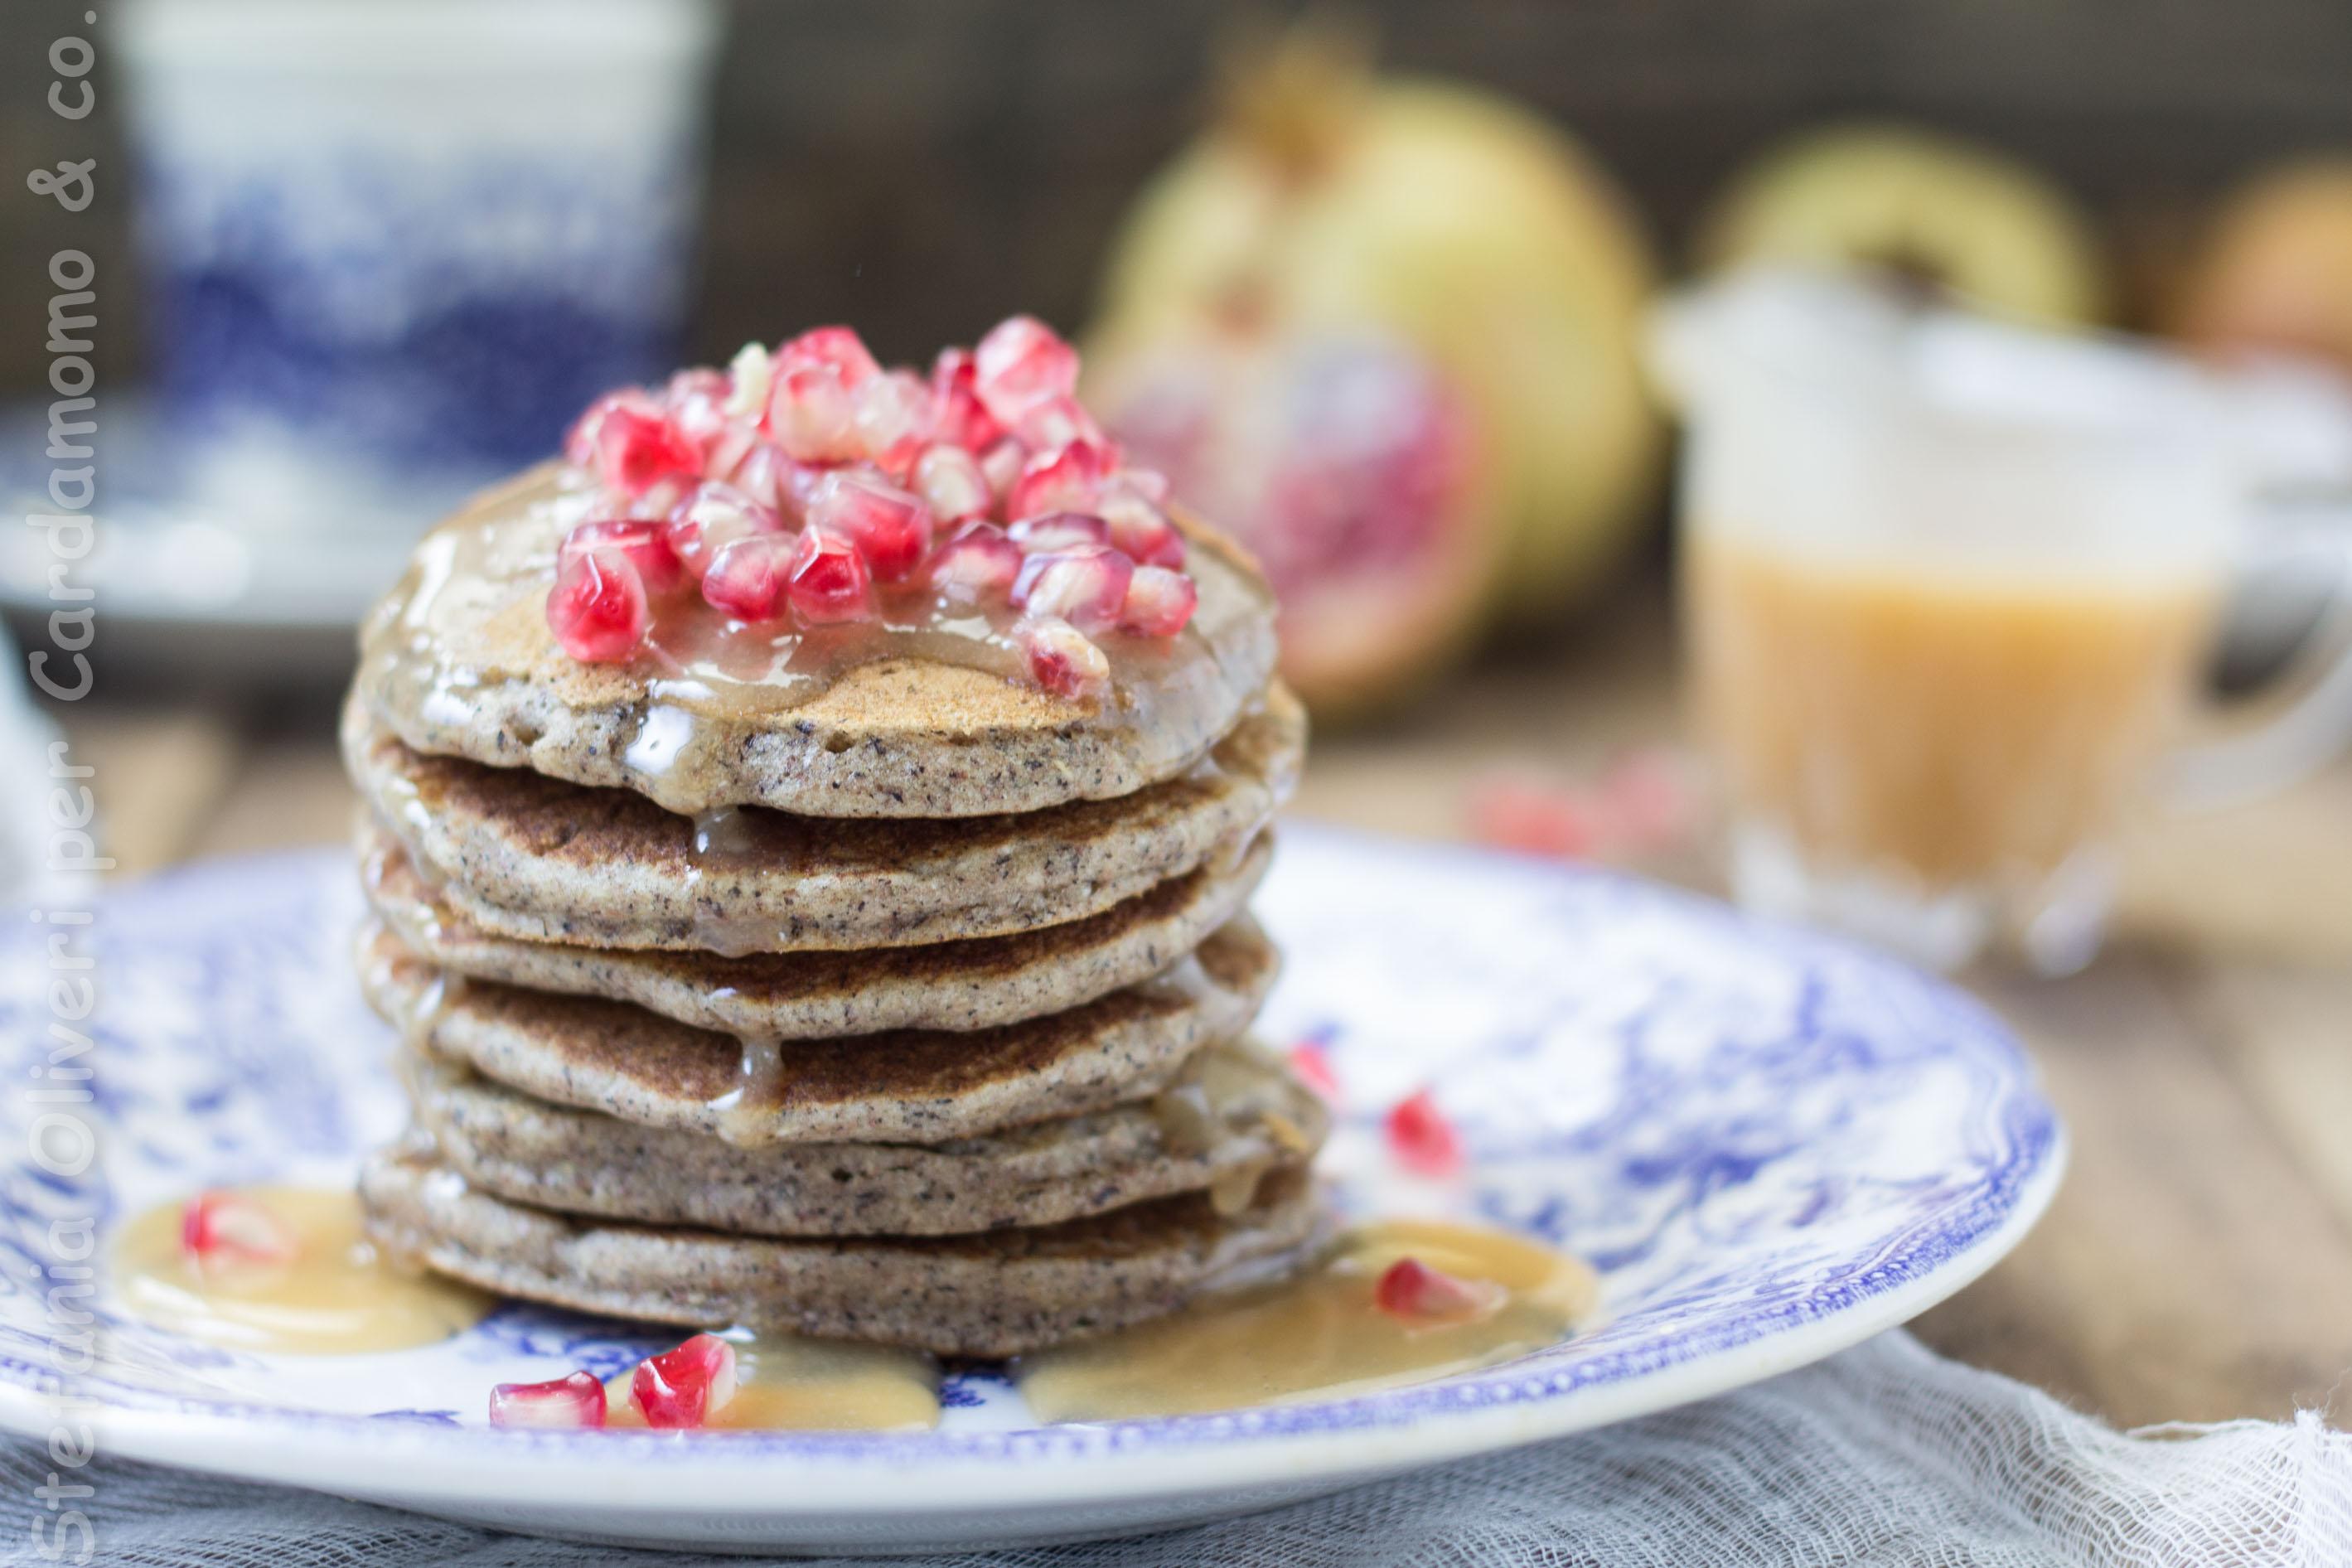 Pancakes grano saraceno con caramello salato - Cardamomo & co